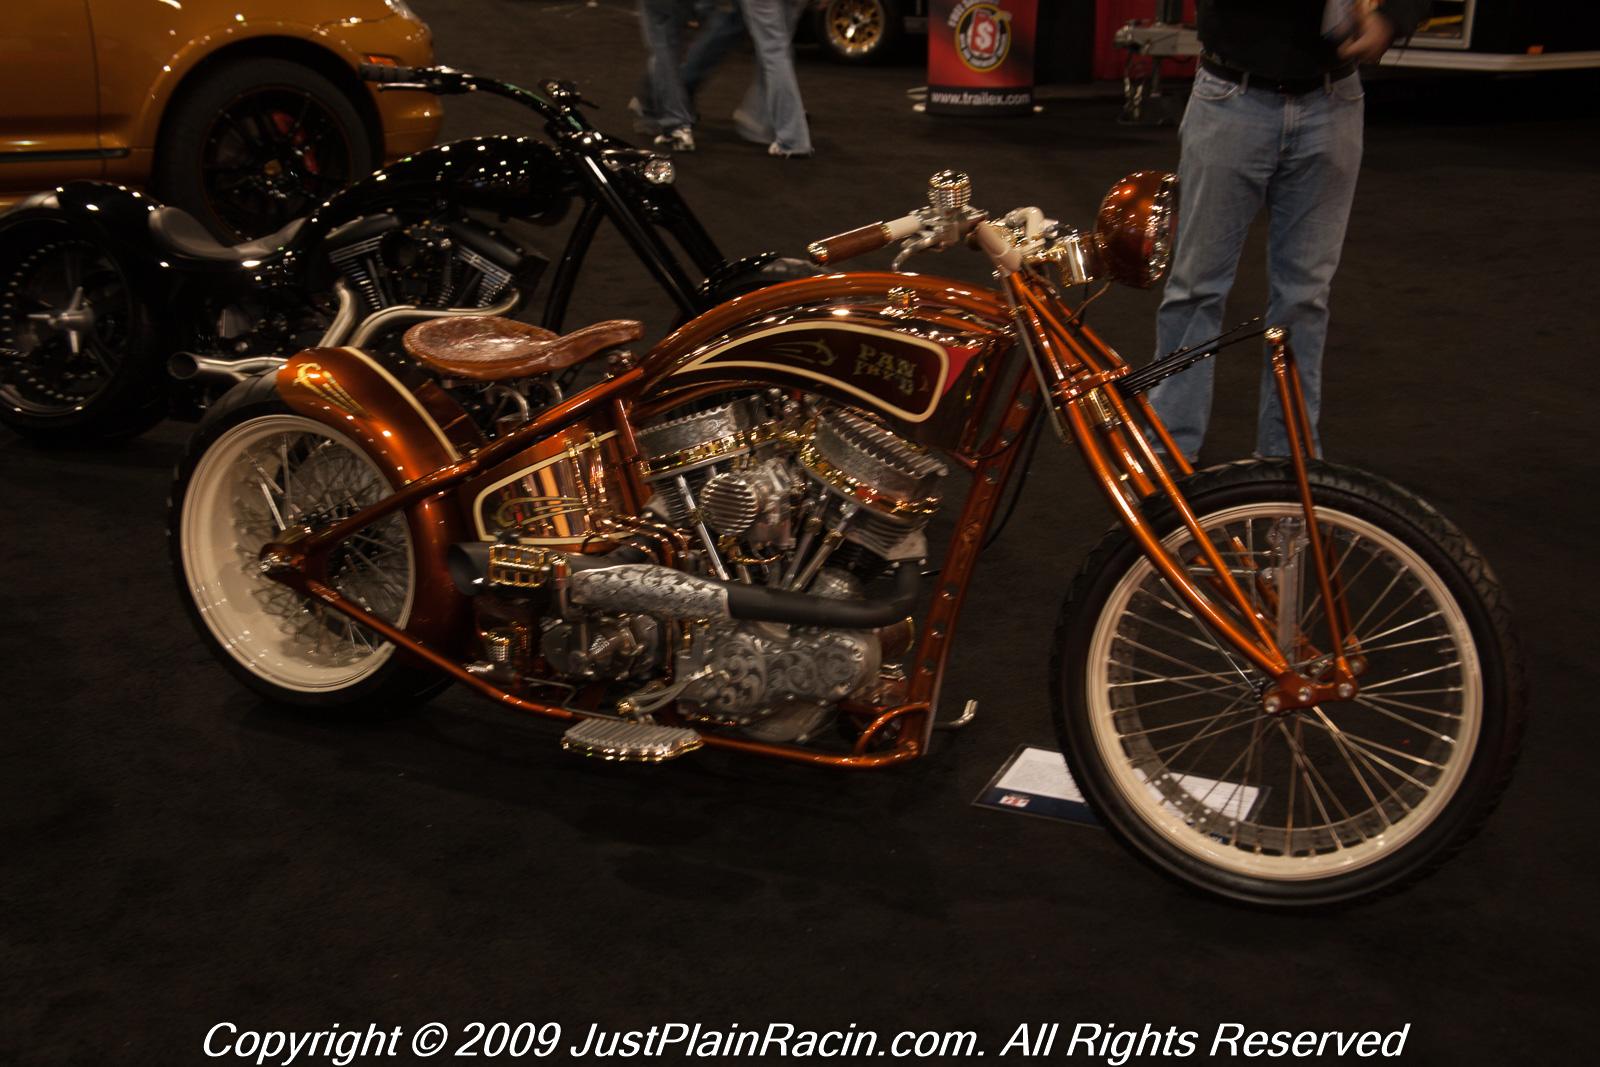 2009 10 09 NV - Barrett-Jackson 85.jpg